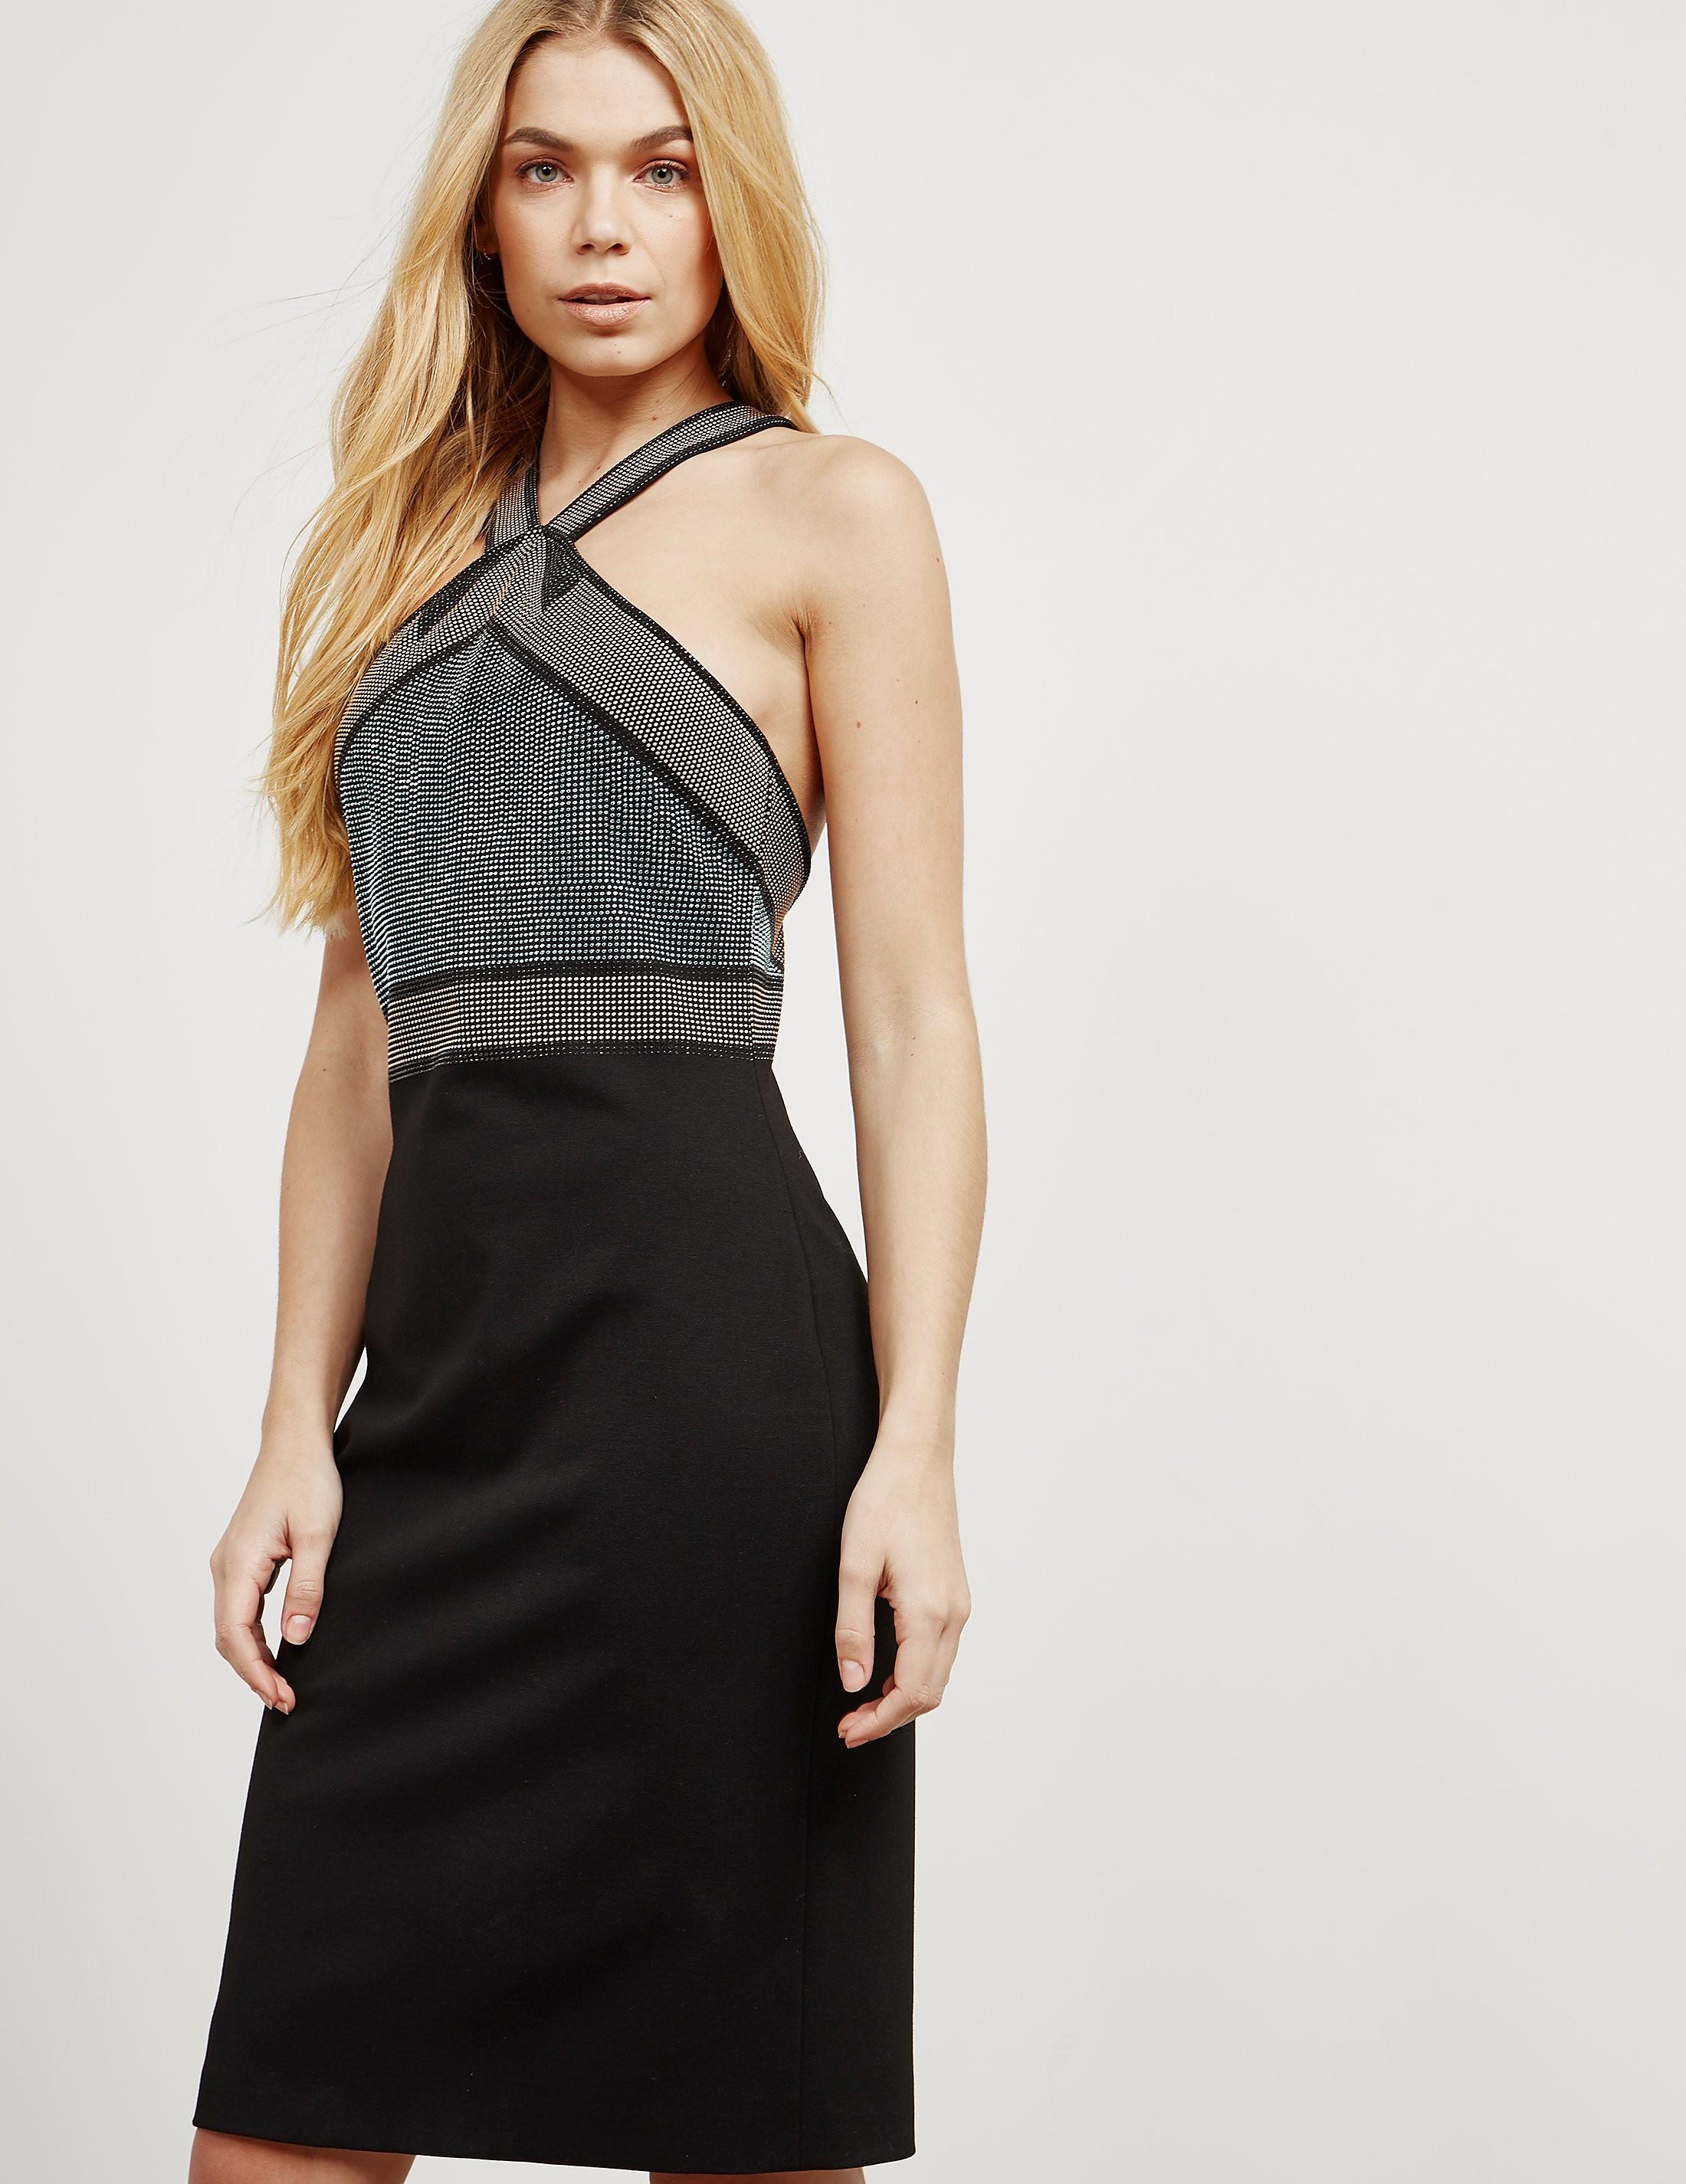 Versace Halterneck Dress